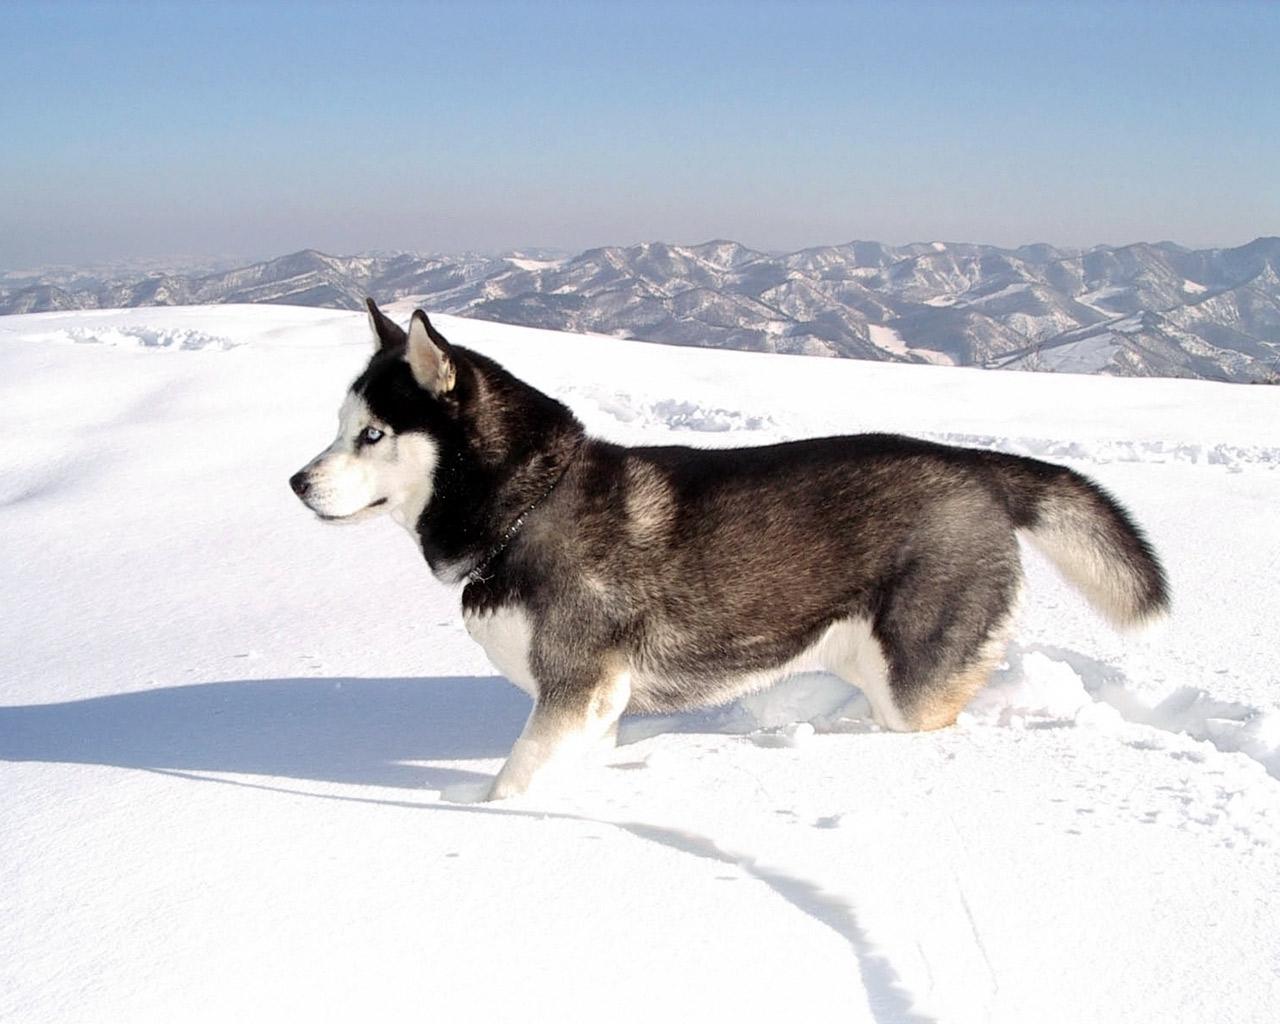 http://2.bp.blogspot.com/--zf1BSErpxA/UEpRXQQvRBI/AAAAAAAAAWI/Vtm52Uypulw/s1600/Husky_Siberiano1.jpg